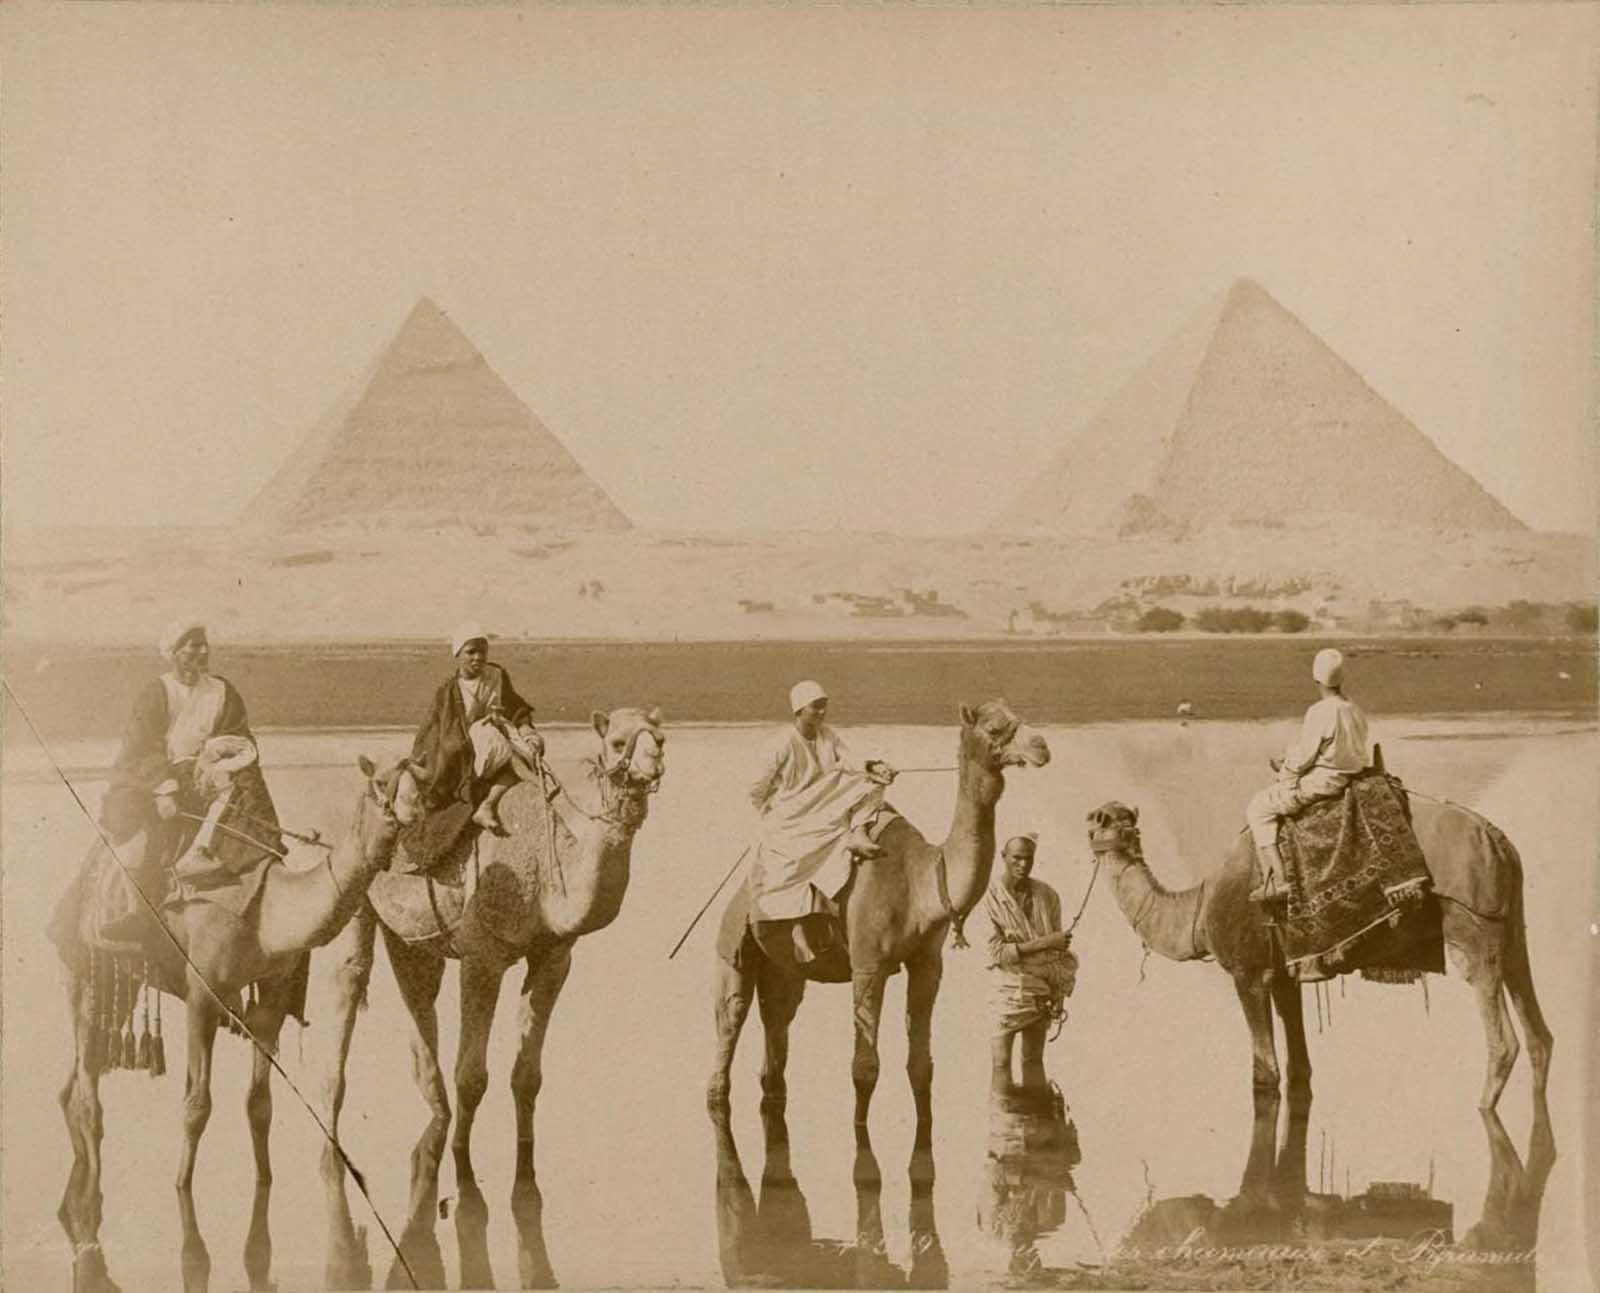 Paseos en camello cerca de las pirámides.